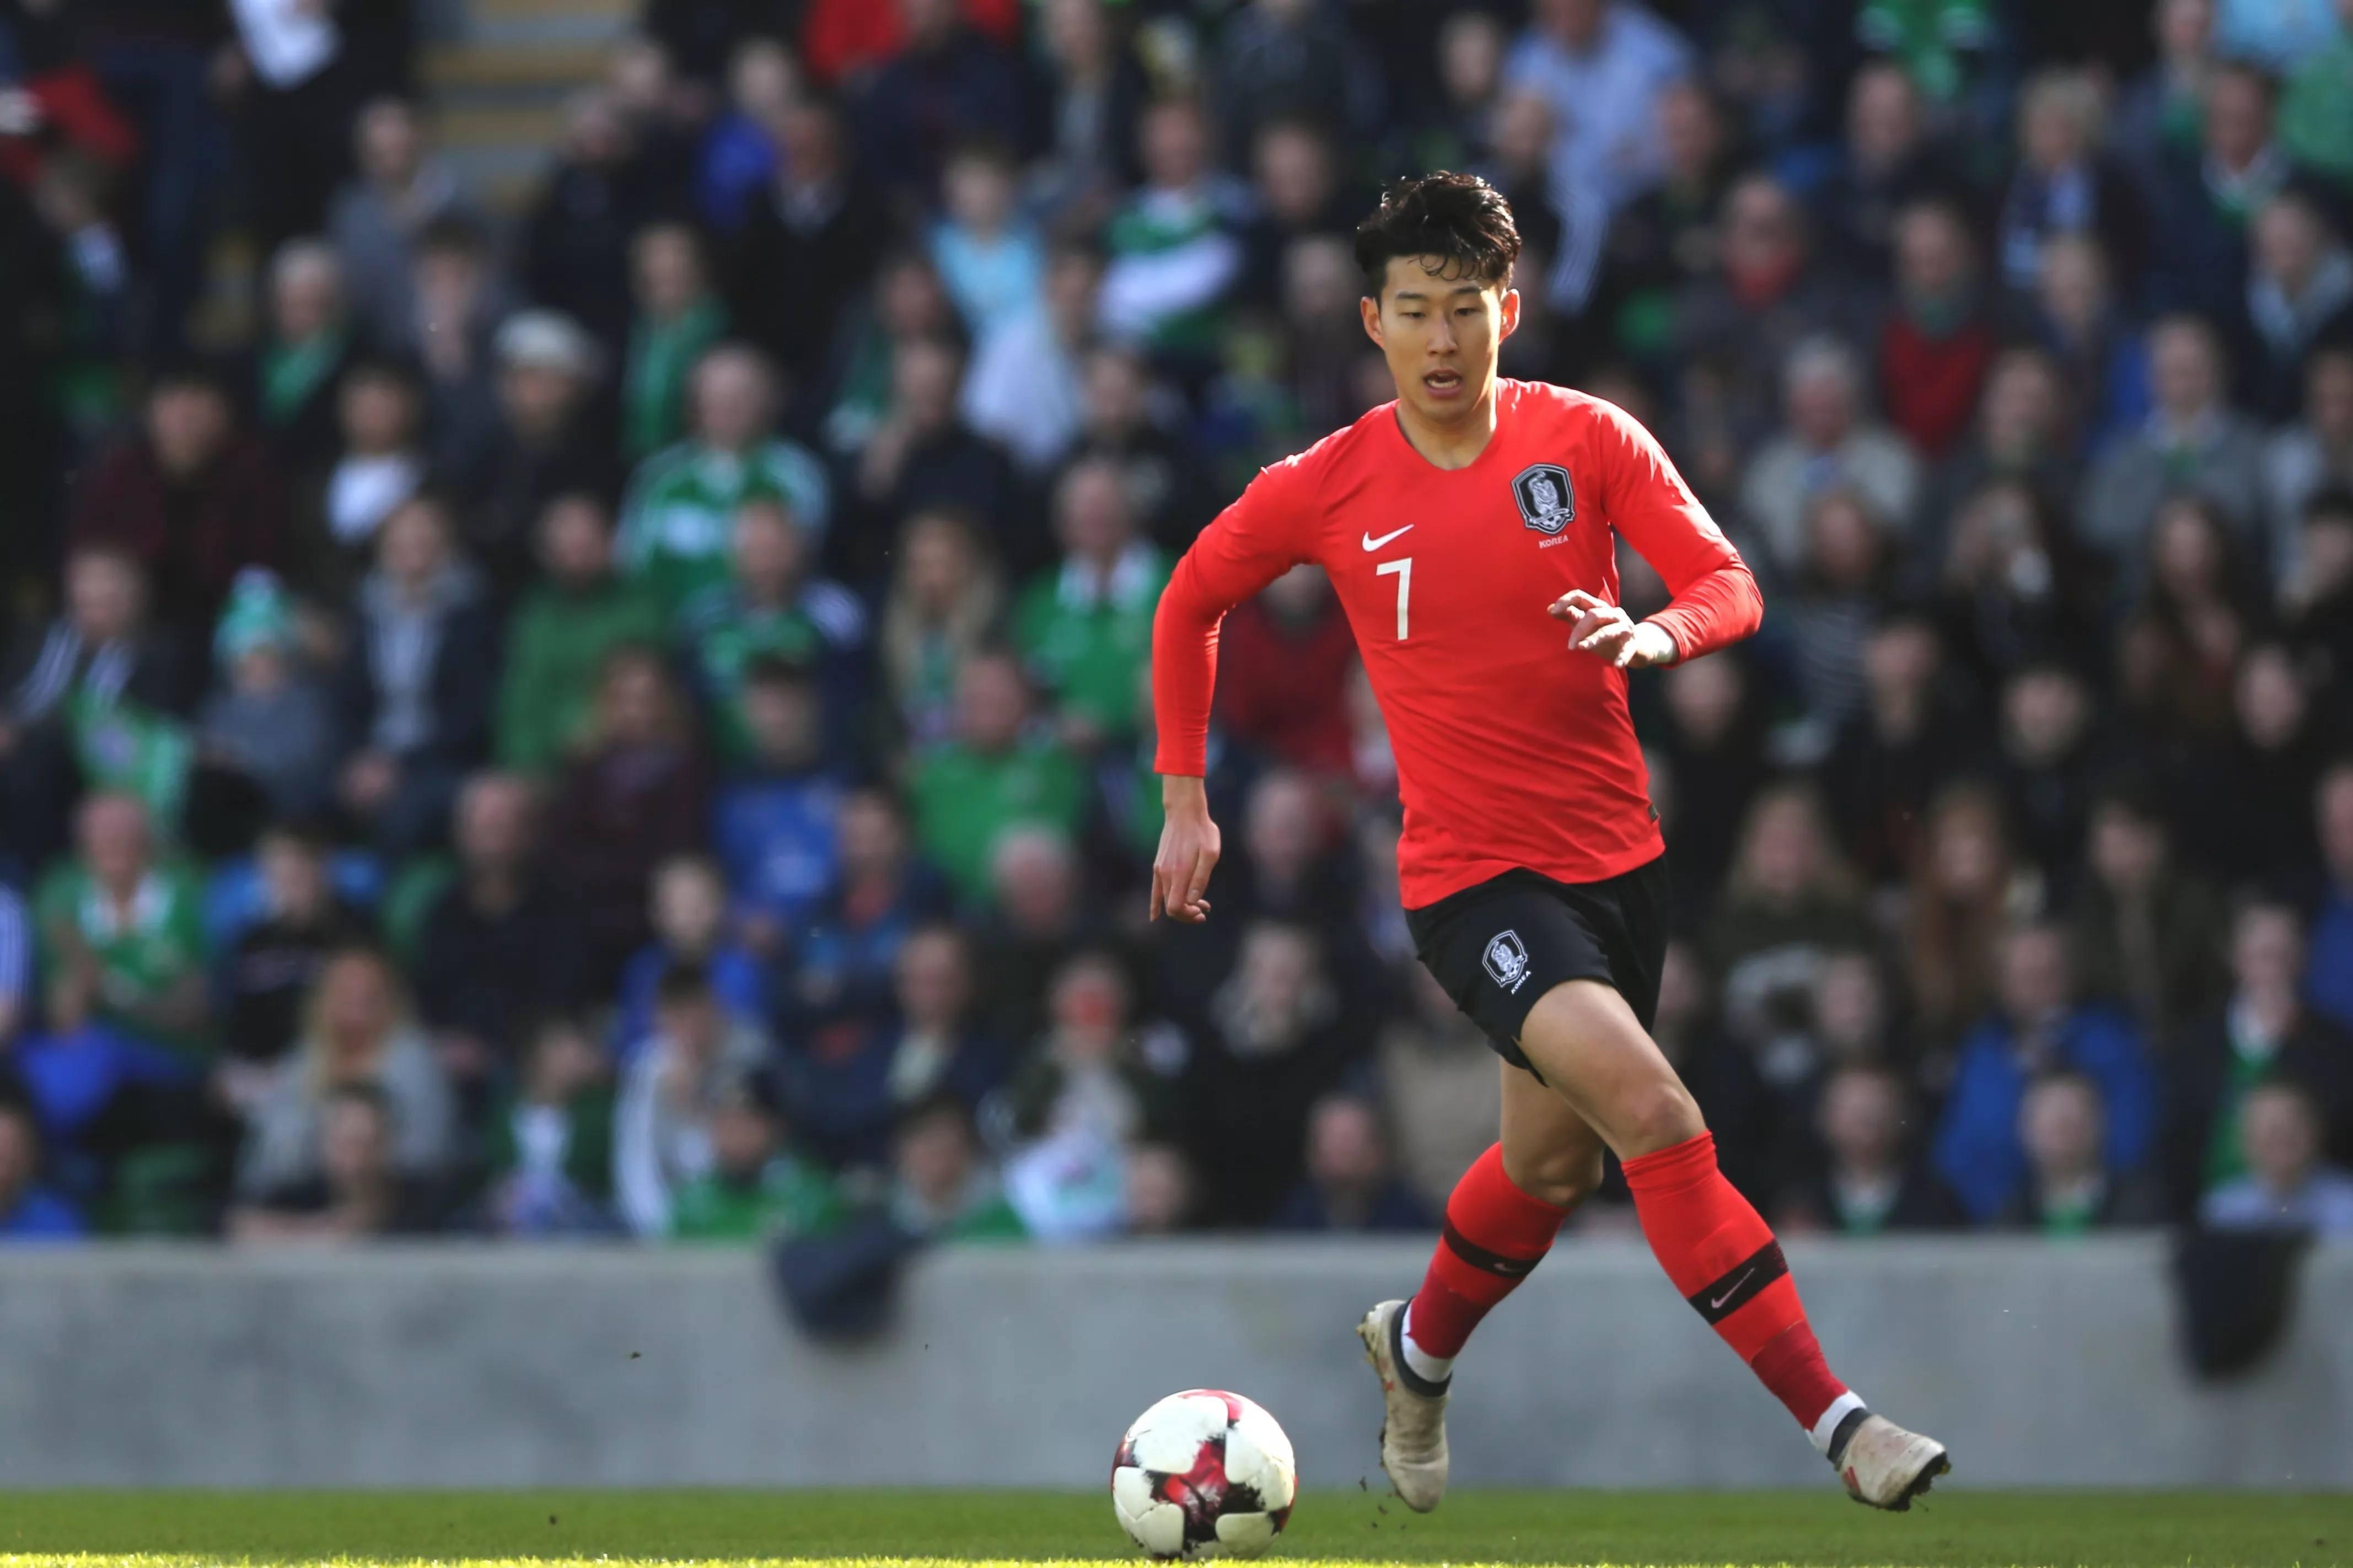 韩国男足1哥只有初中学历!在德国成为巨星,又亲手淘汰德国